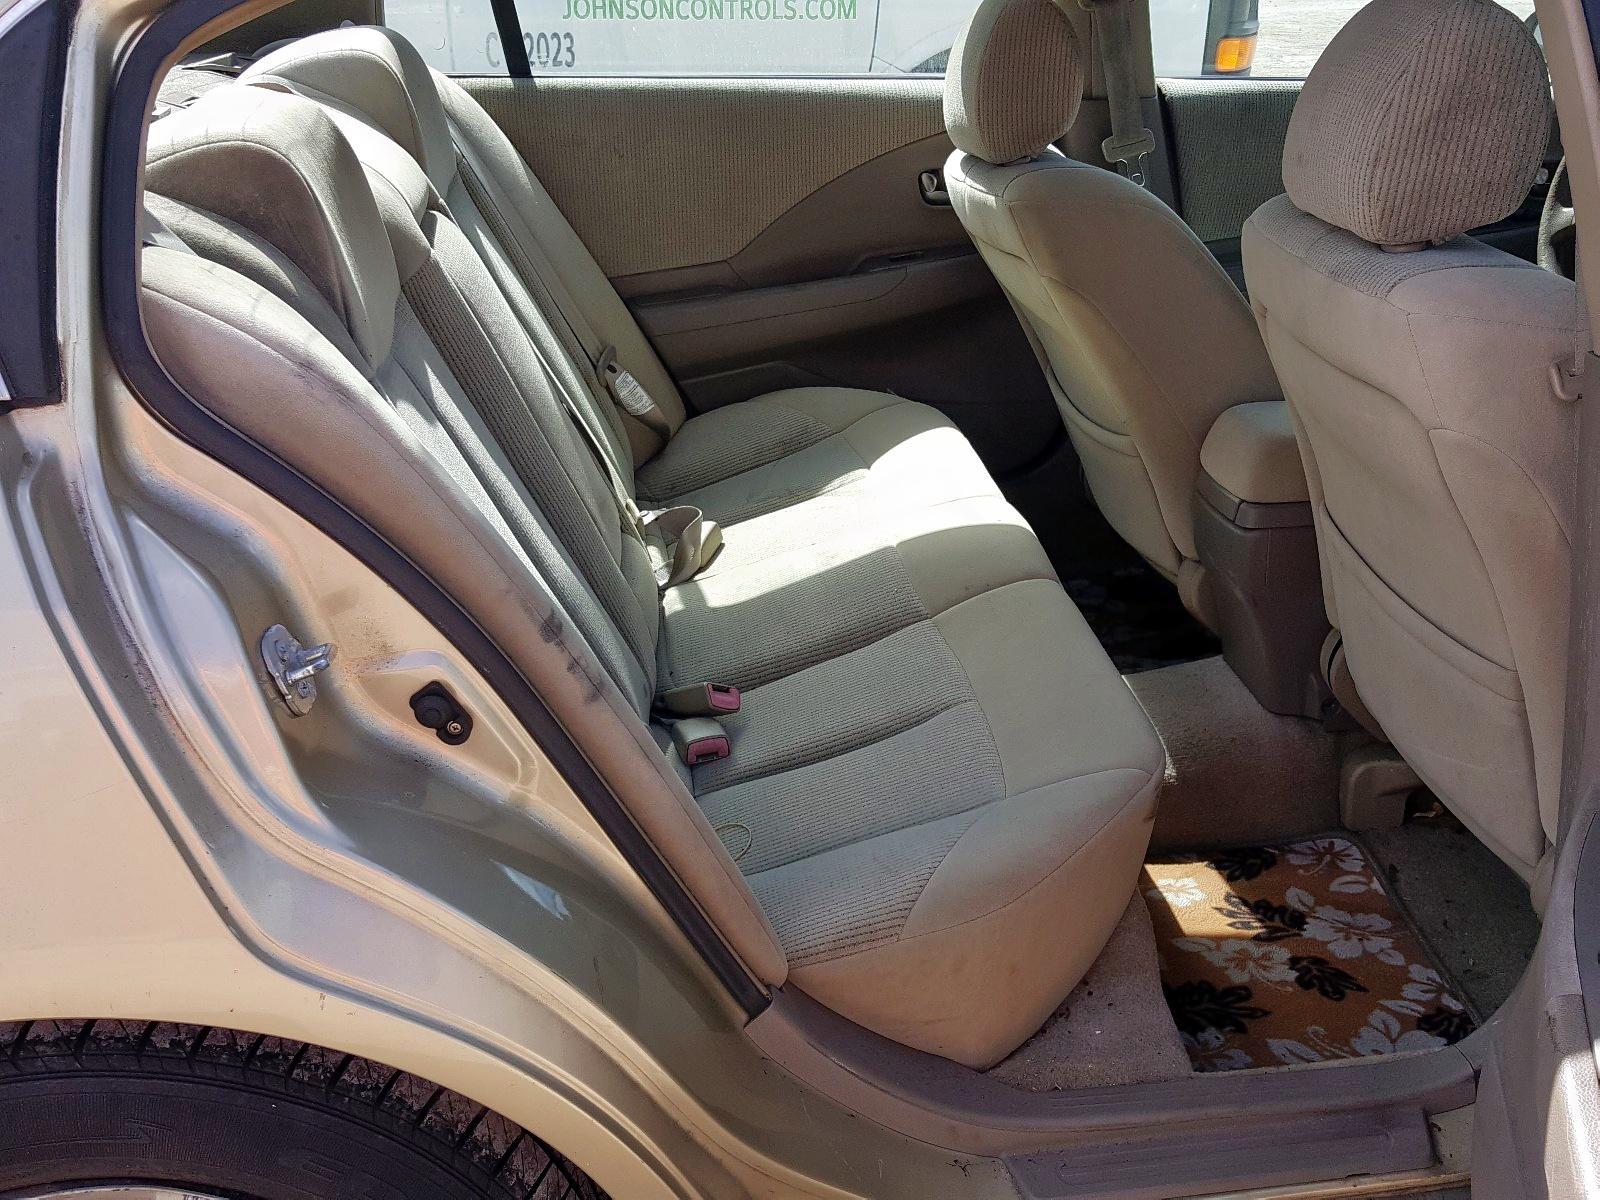 1N4AL11D14C170056 - 2004 Nissan Altima Bas 2.5L detail view